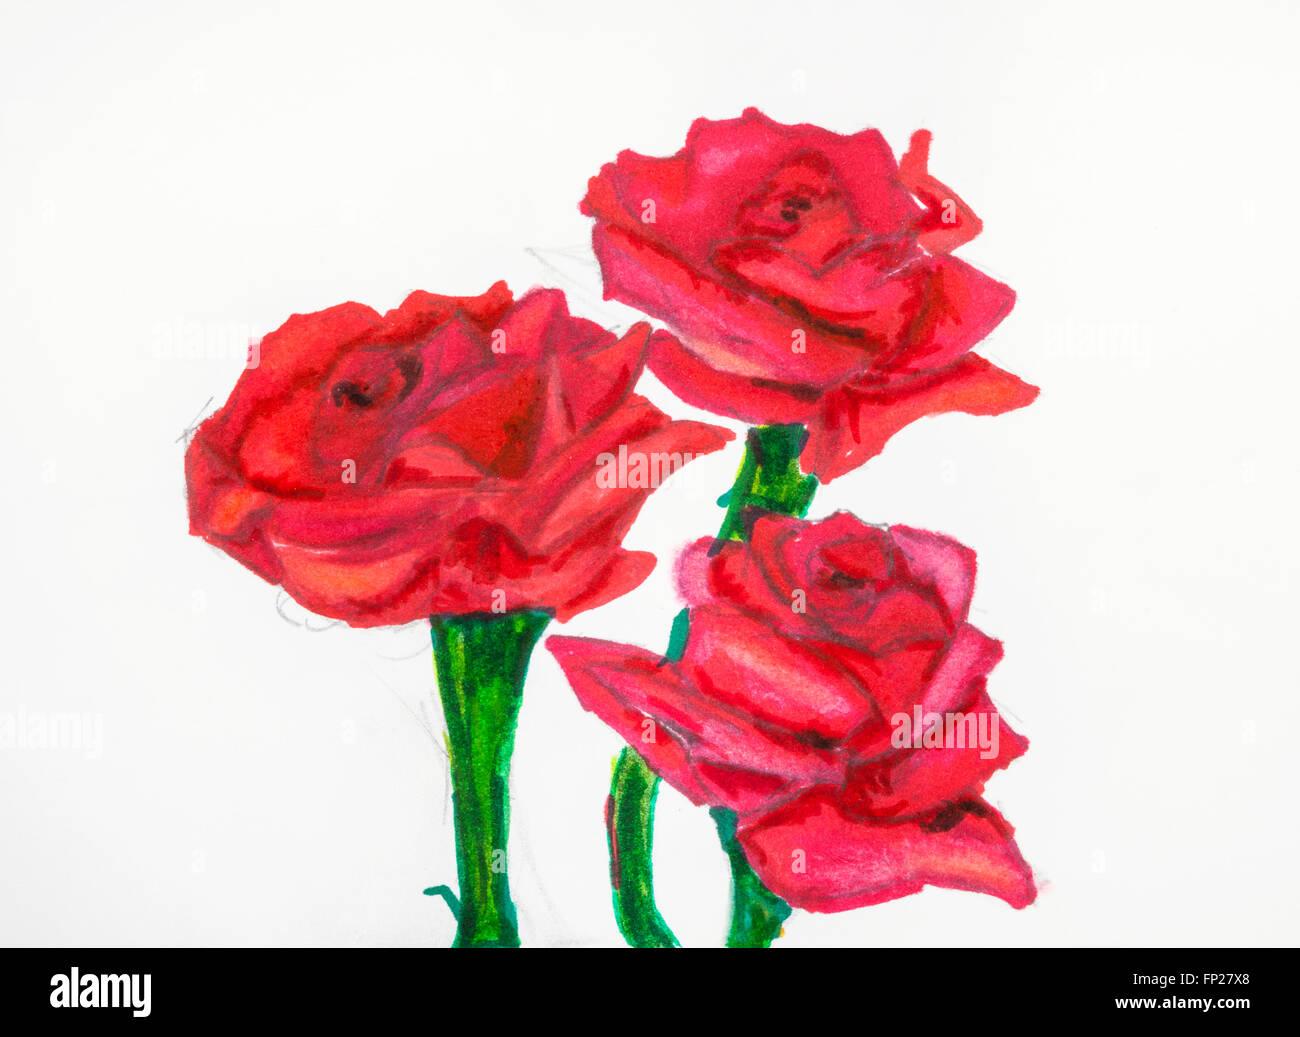 Dibujo A Mano Tres Flores Rosas Rojas En Tallos Verdes Pintadas